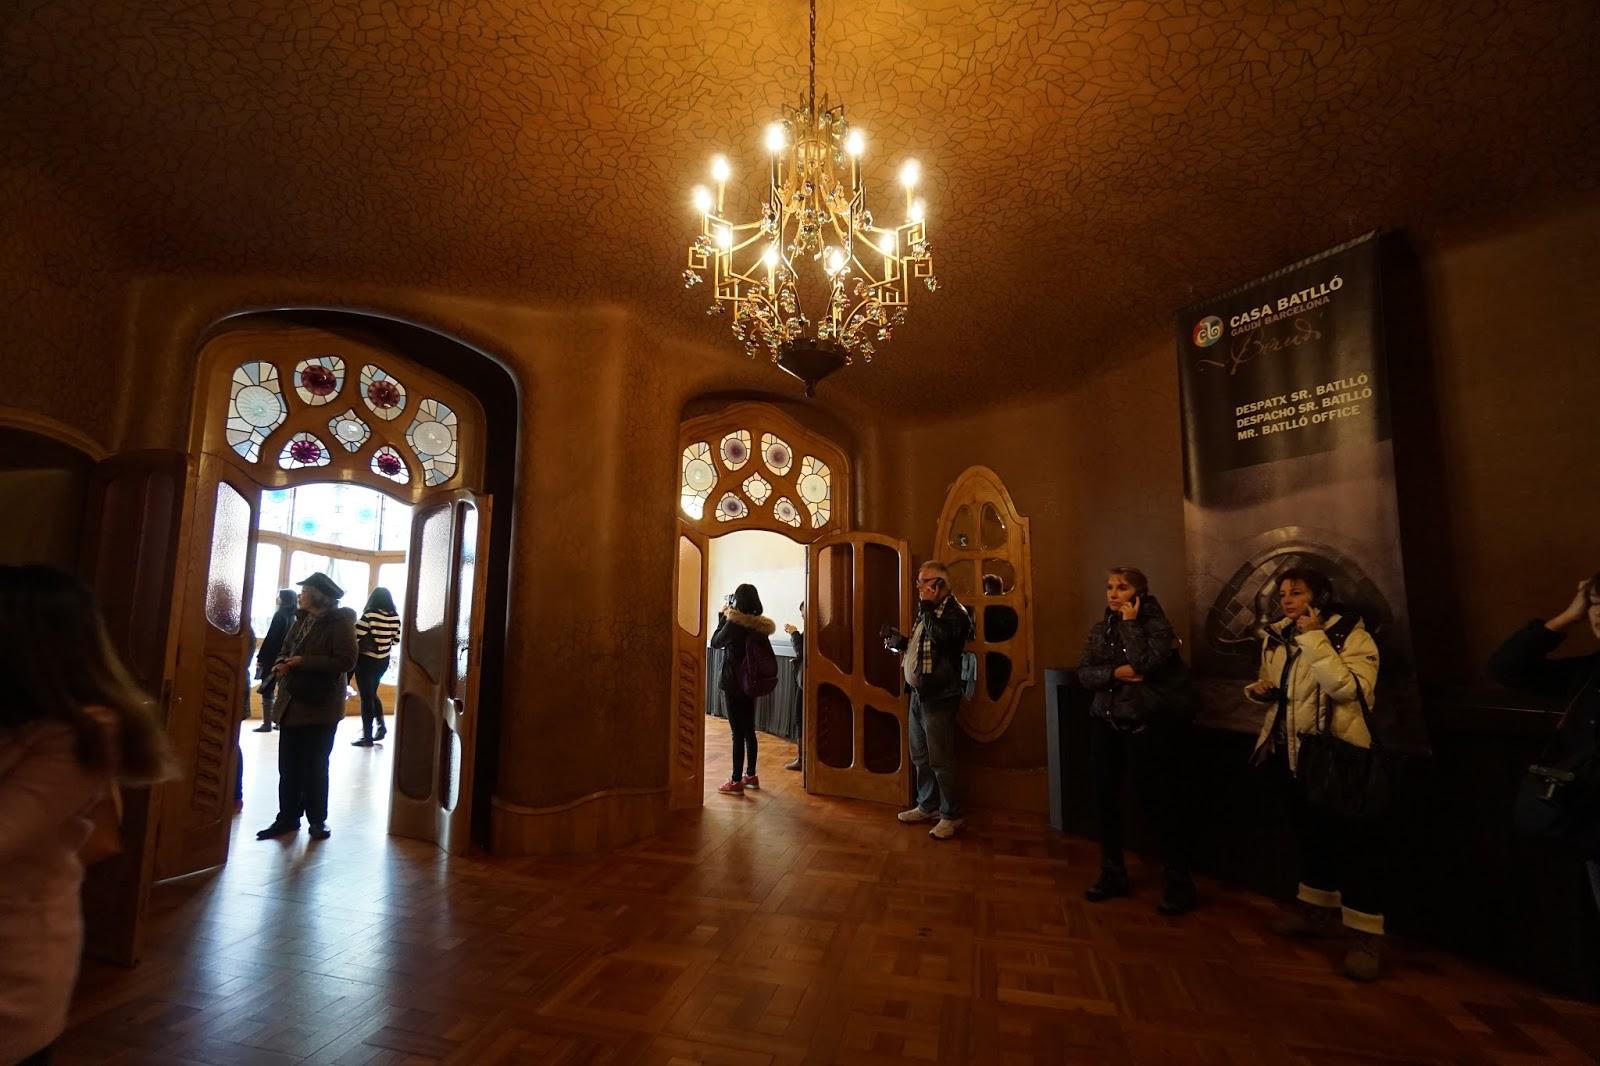 カサ・バトリョ(Casa Batlló) 2階 暖炉室